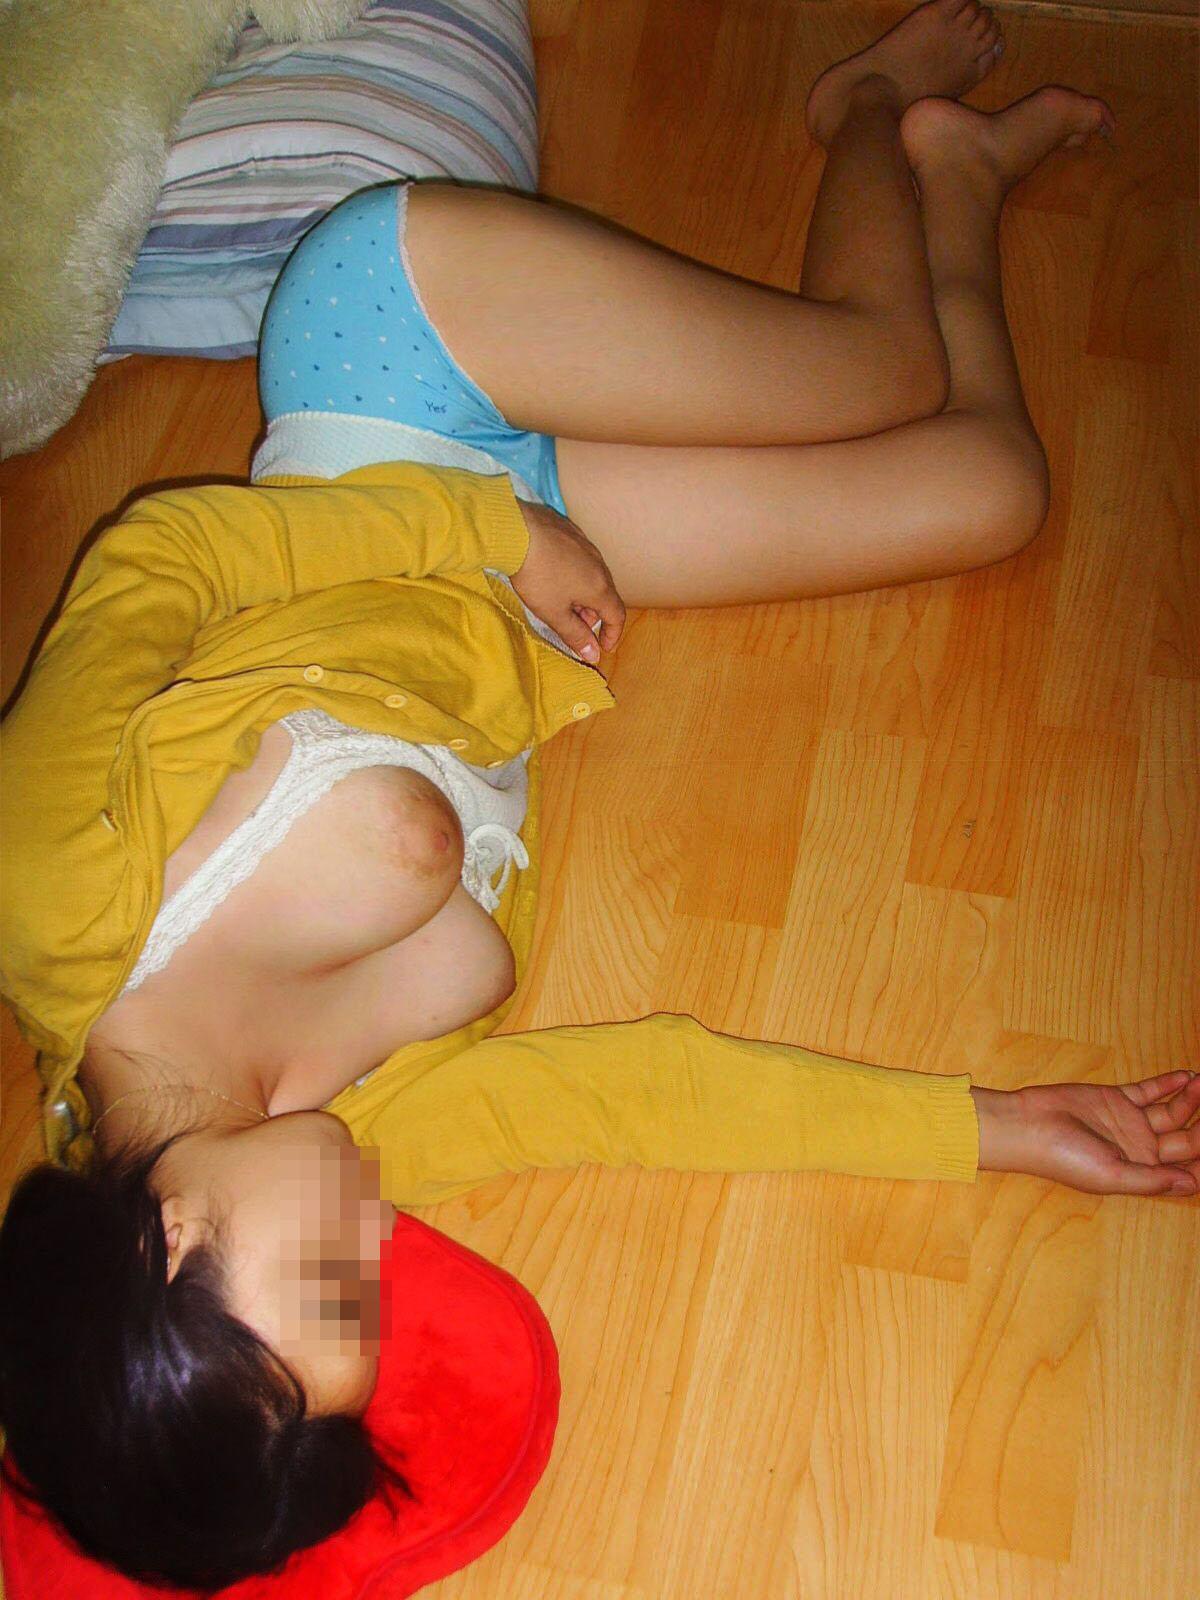 【夜這いエロ画像】熟睡中に脱がす!旦那に流された妻たちの生おっぱいwww 13